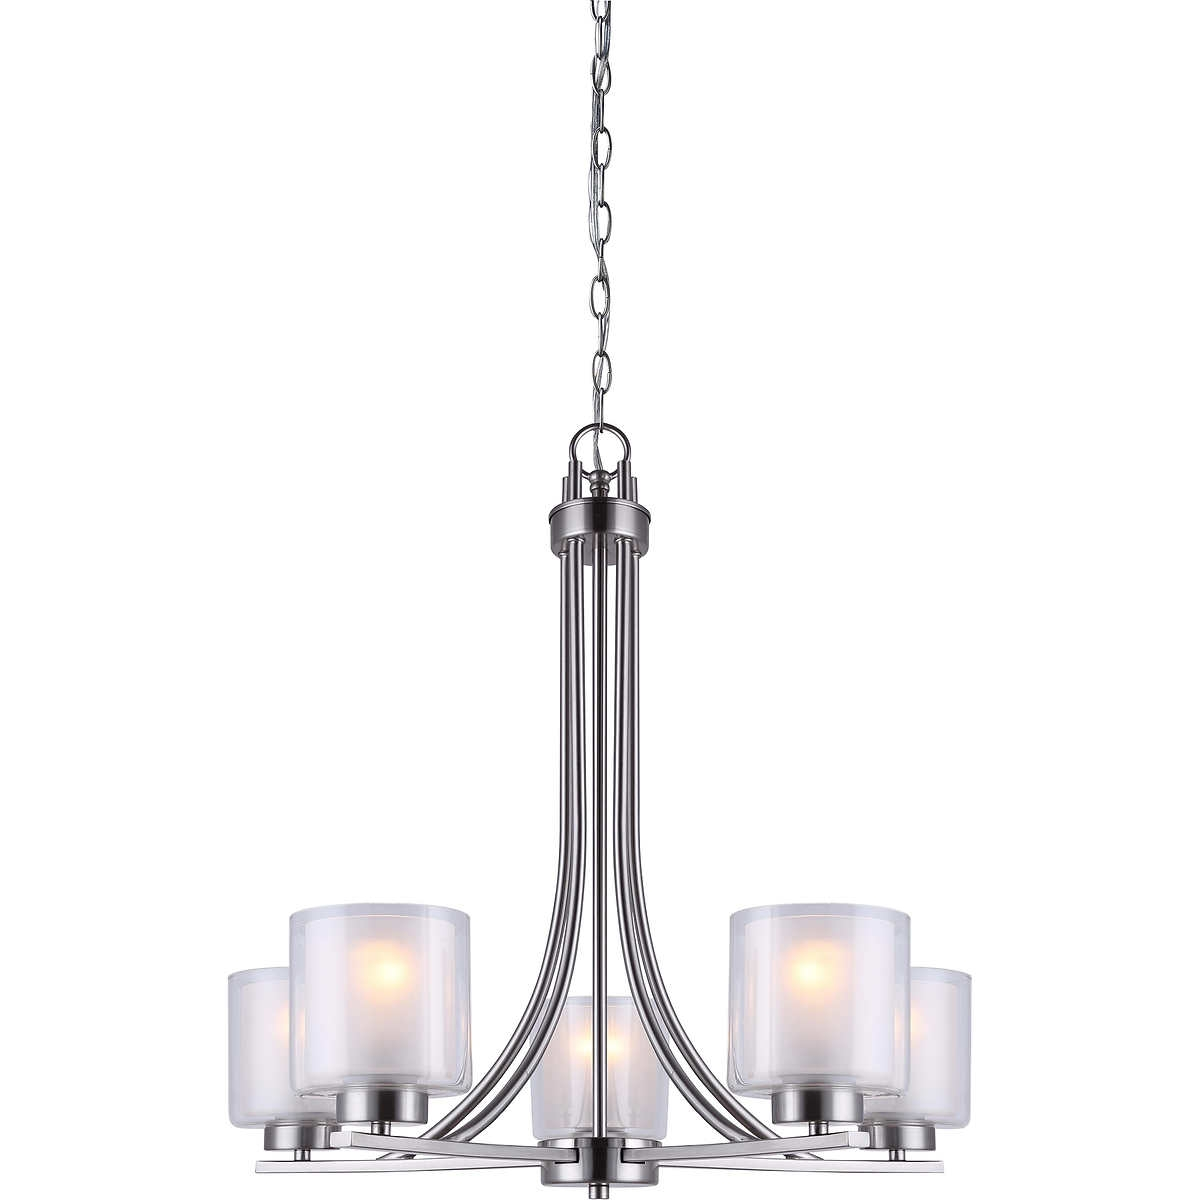 Chandelier Lighting At Costco: 10 Best Of Costco Chandeliers